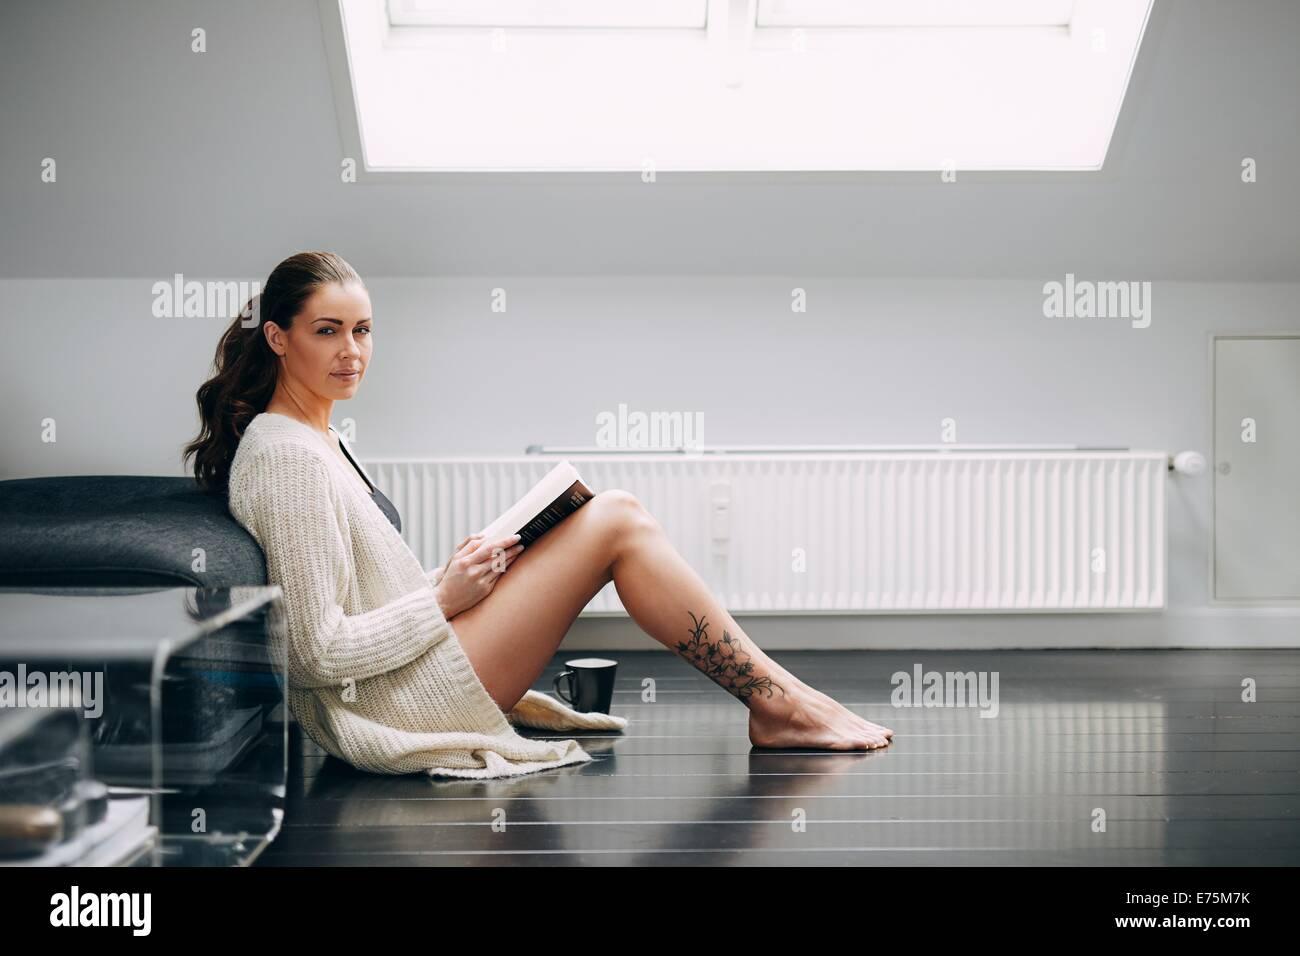 Belle brune femme lisant un livre d'un canapé. Joli modèle féminin assis sur le plancher avec Photo Stock